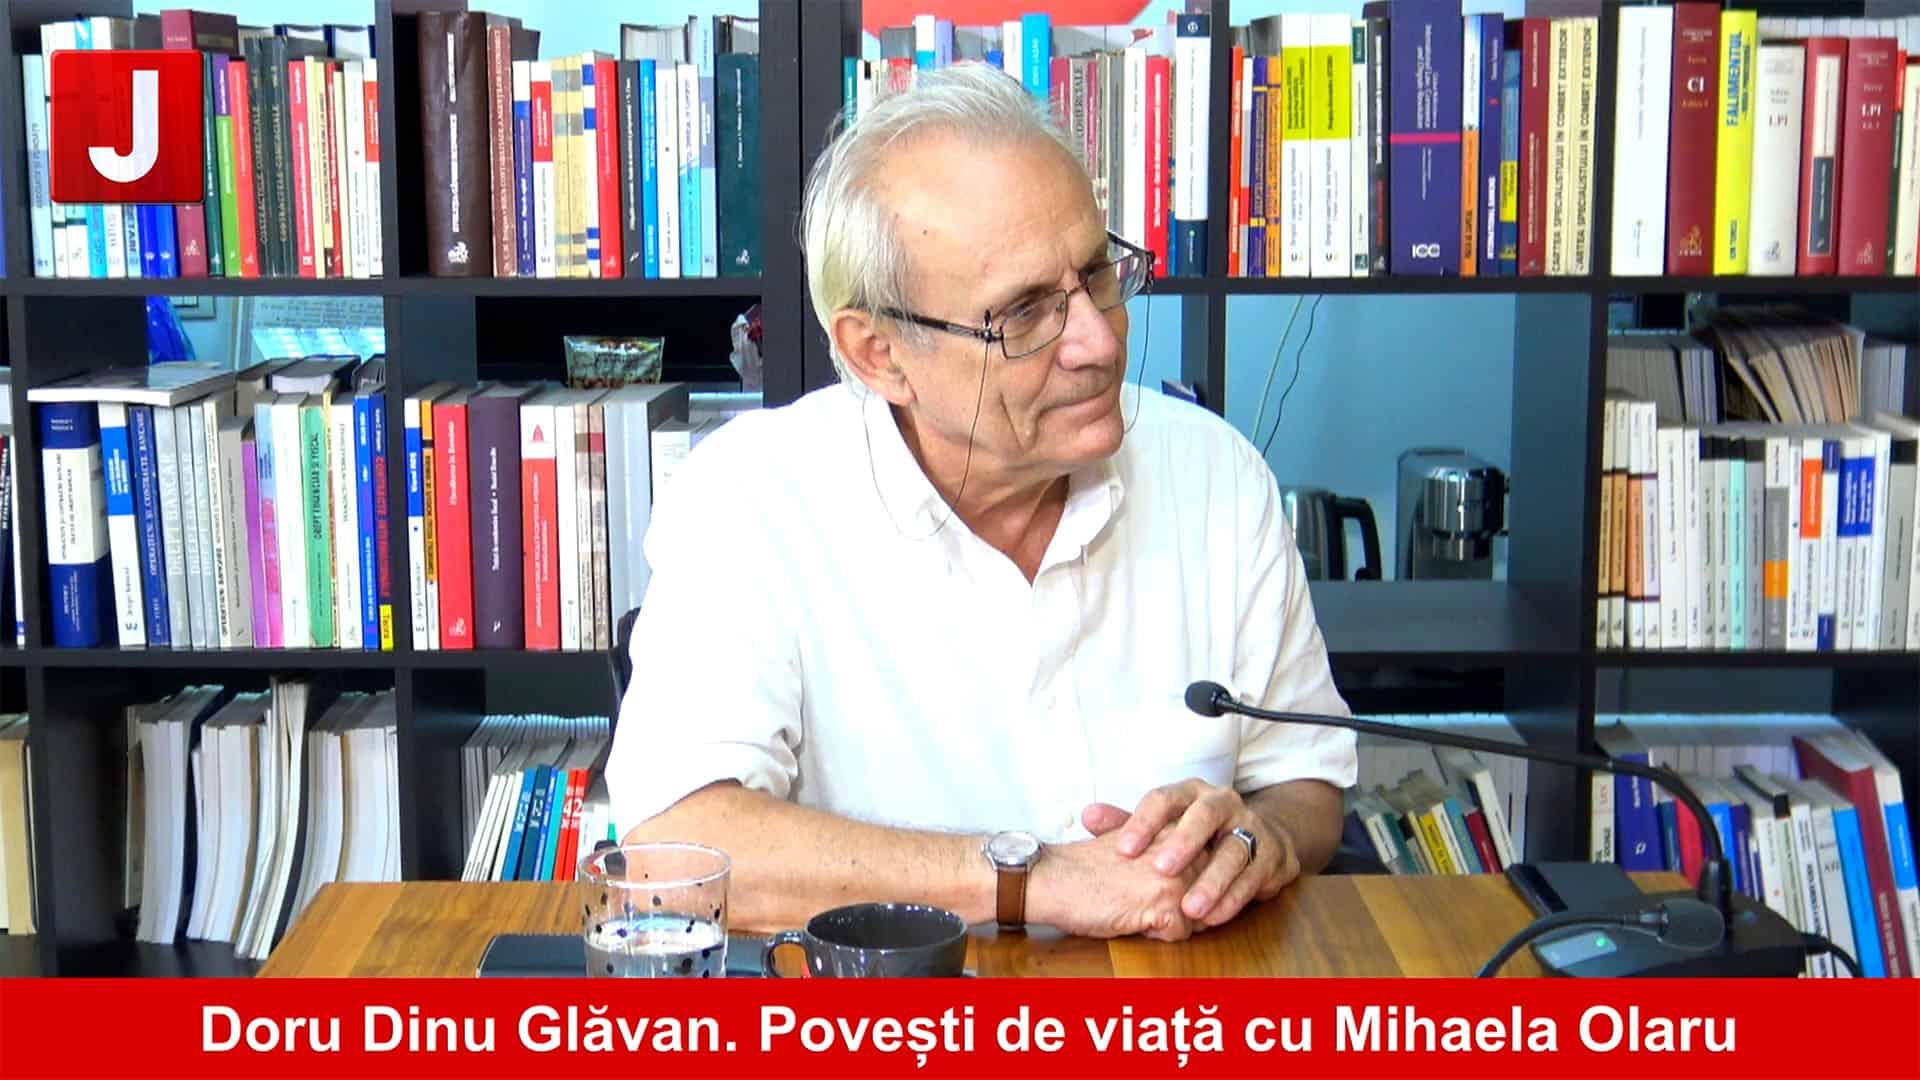 Împreună scriem istoria, Doru Dinu Glăvan I Povești de viață cu Mihaela Olaru